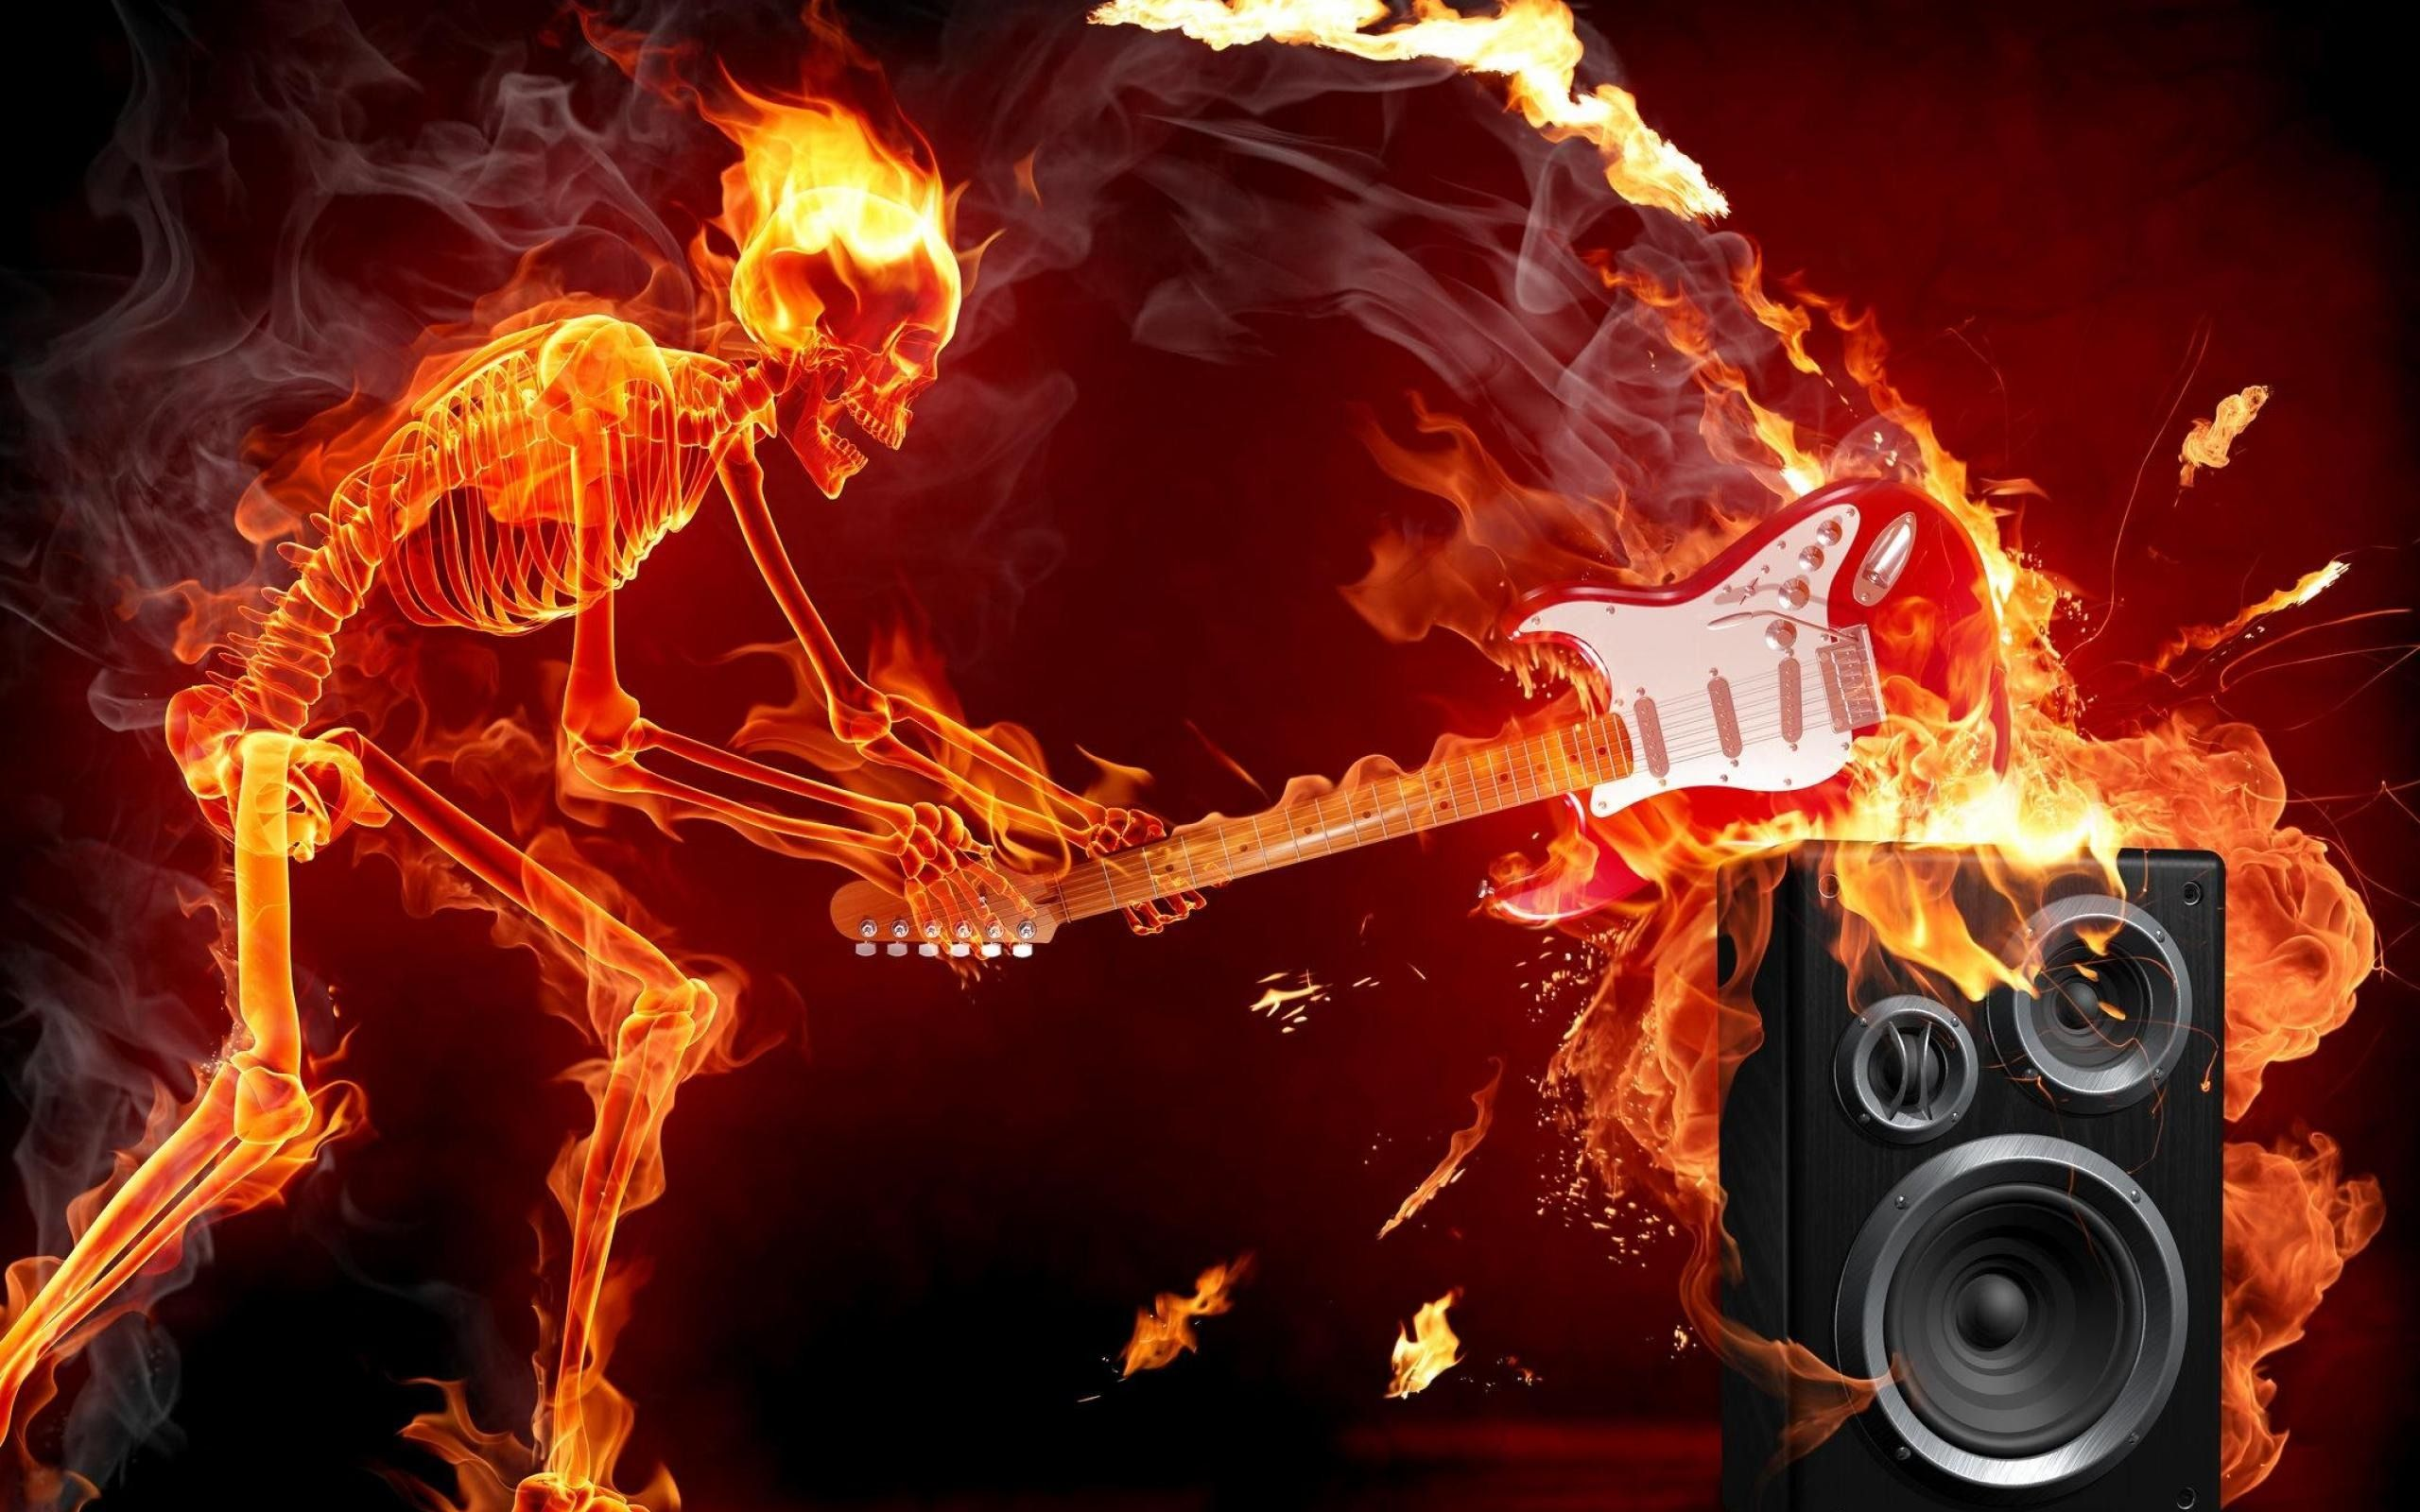 Rock Guitar Images Son Rock Guitare Feu Musique Amateurs Fond D Ecran 2560x1600 Fond D Fond Ecran Gratuit Fond Ecran Serviette De Plage Enfant